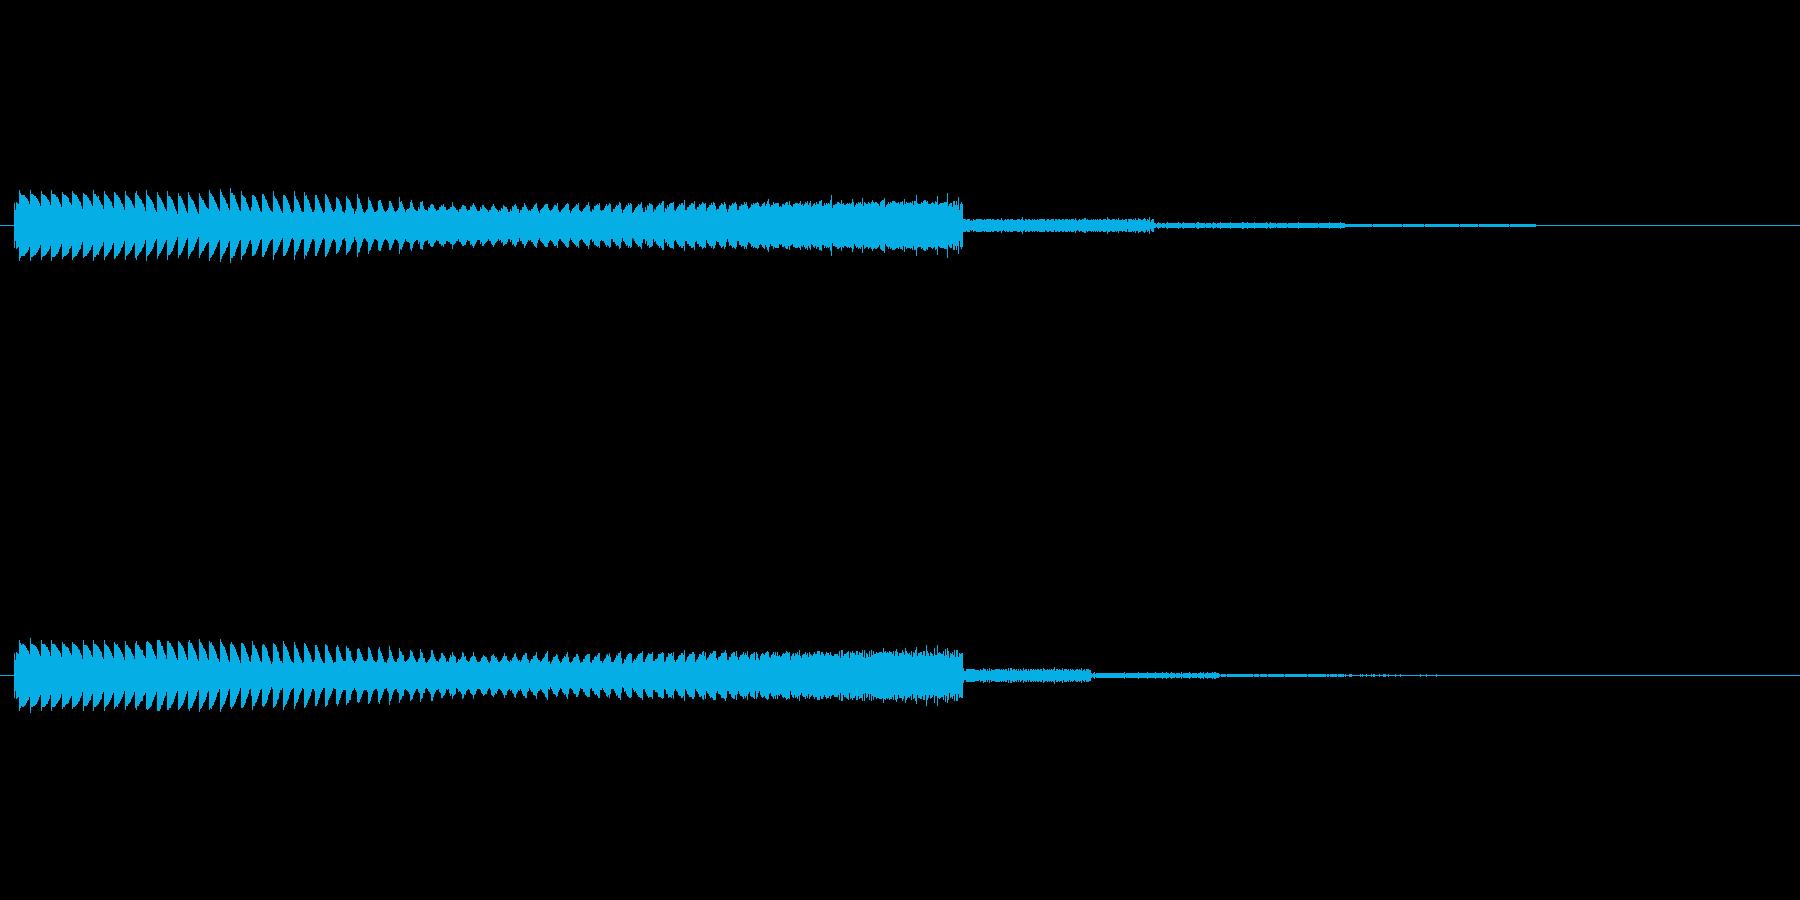 シューティングゲーム風のシンセ音の再生済みの波形